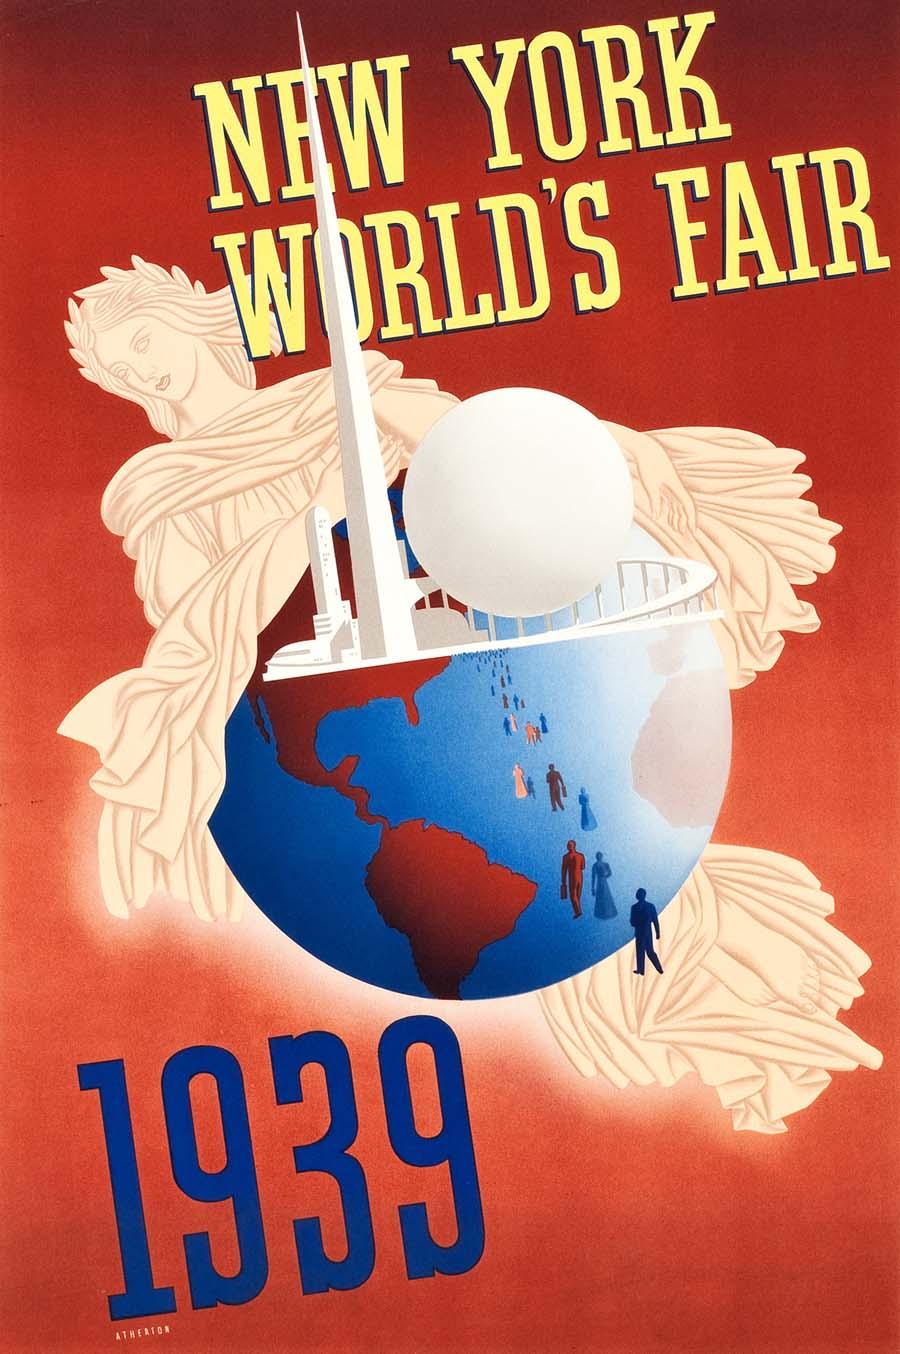 New York World's Fair Travel Poster